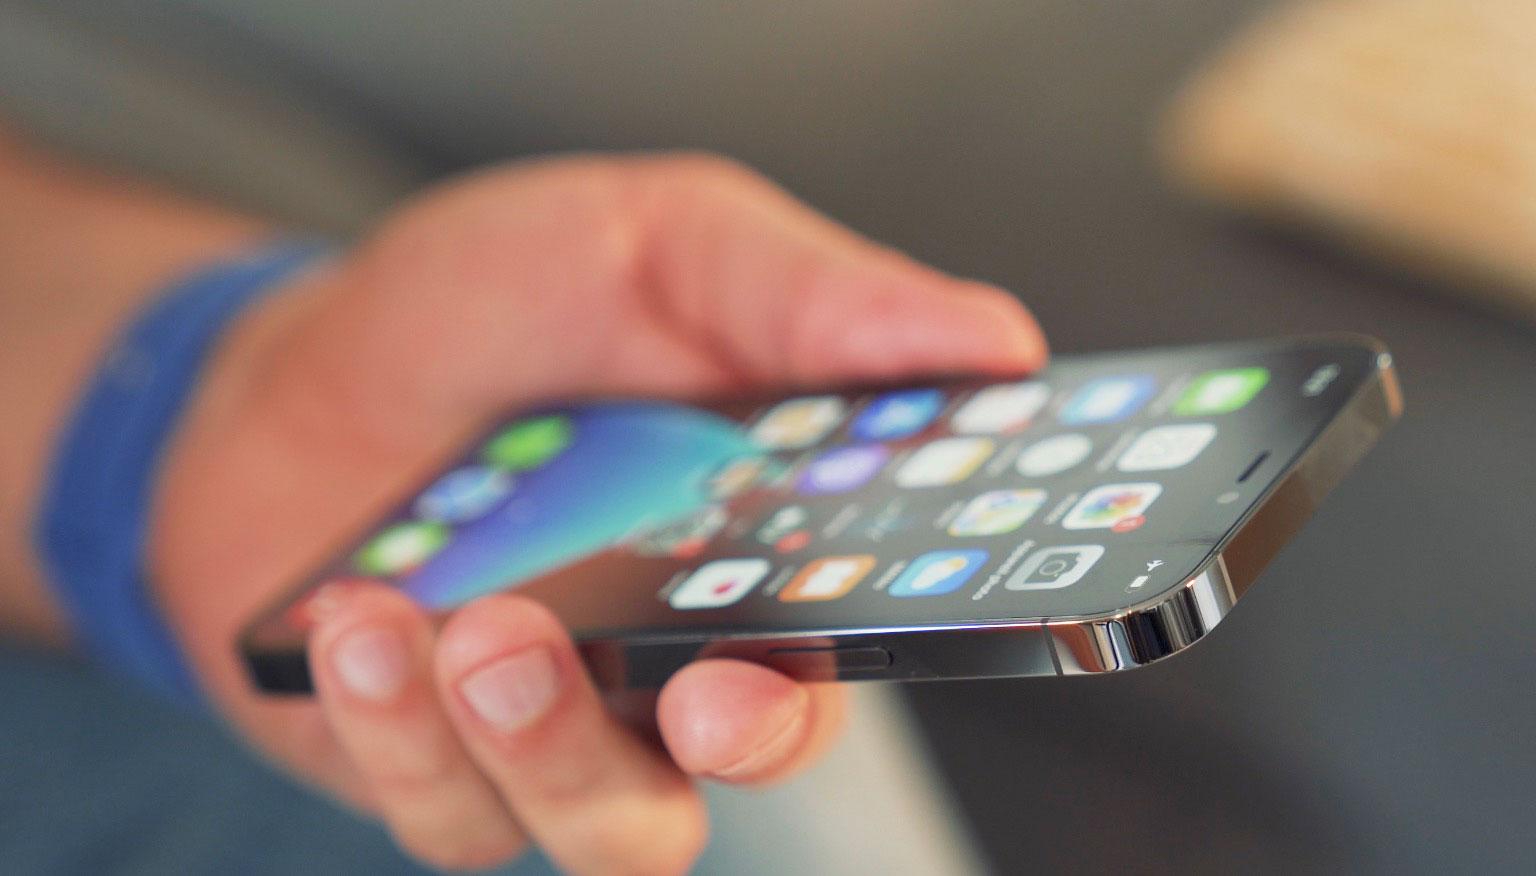 L'iPhone 12 Pro ne ressemble pas tout à fait à son prédécesseur